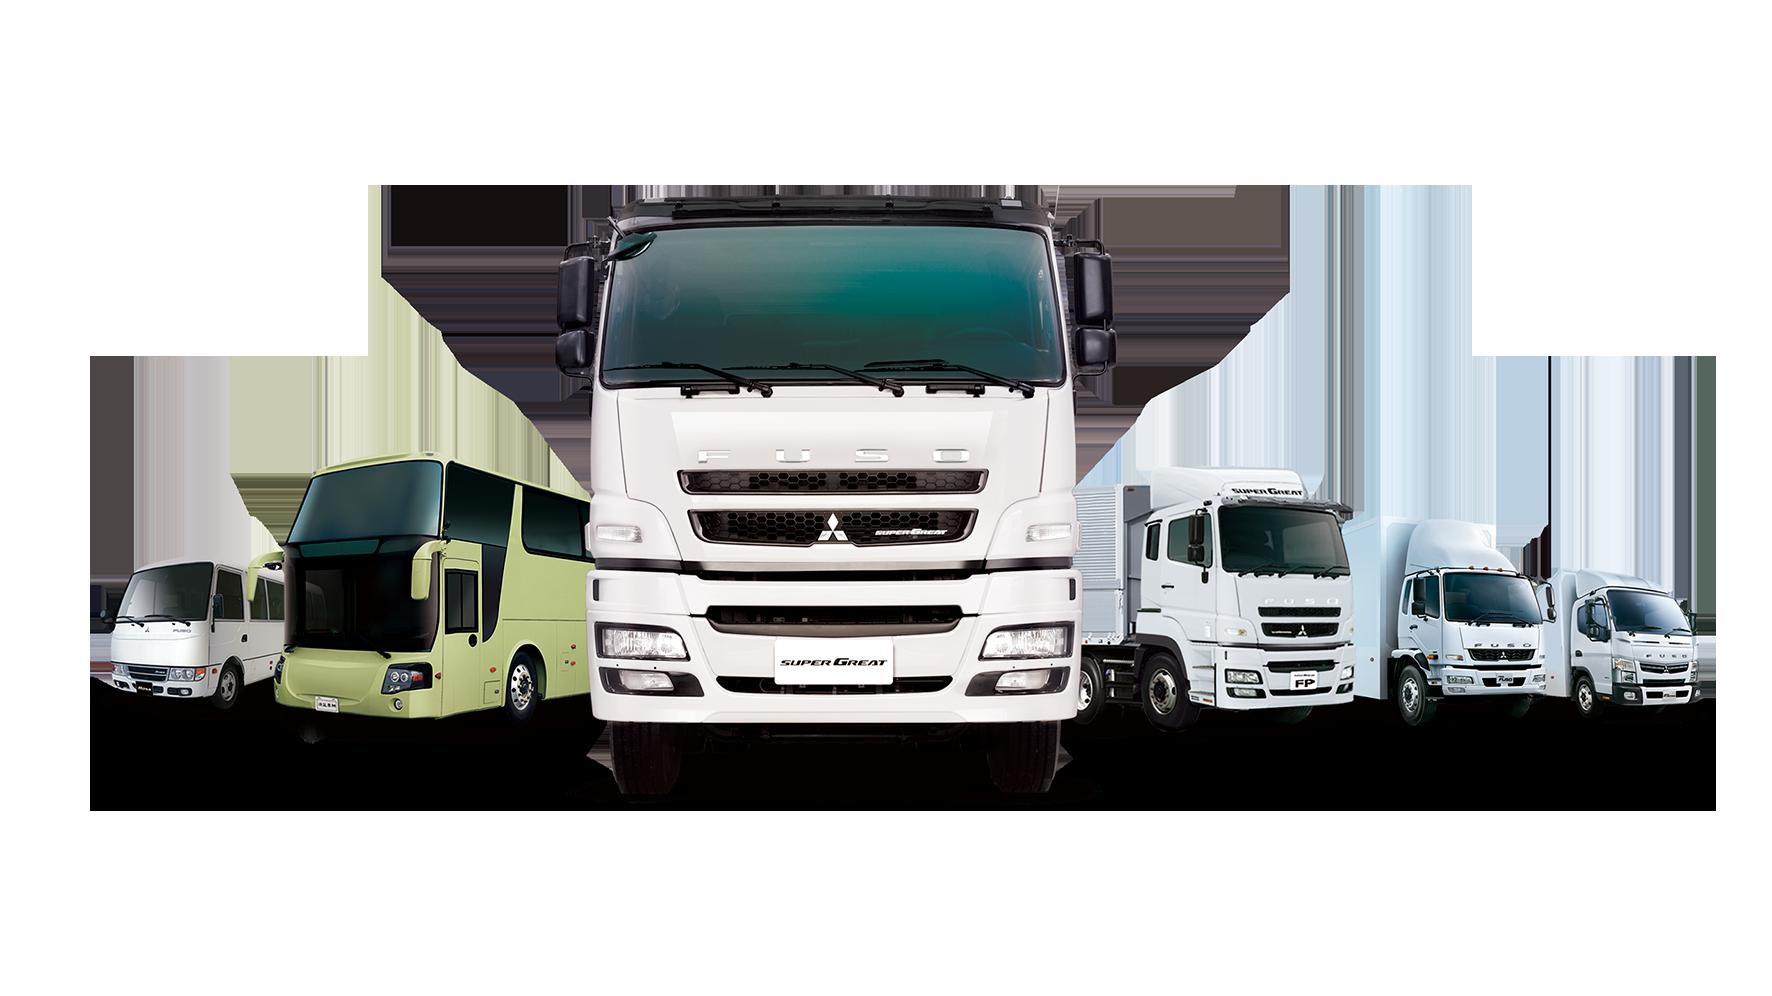 連續 28 年雙料冠軍!Fuso 蟬聯 3.5 噸商車及總巿場銷售榜首